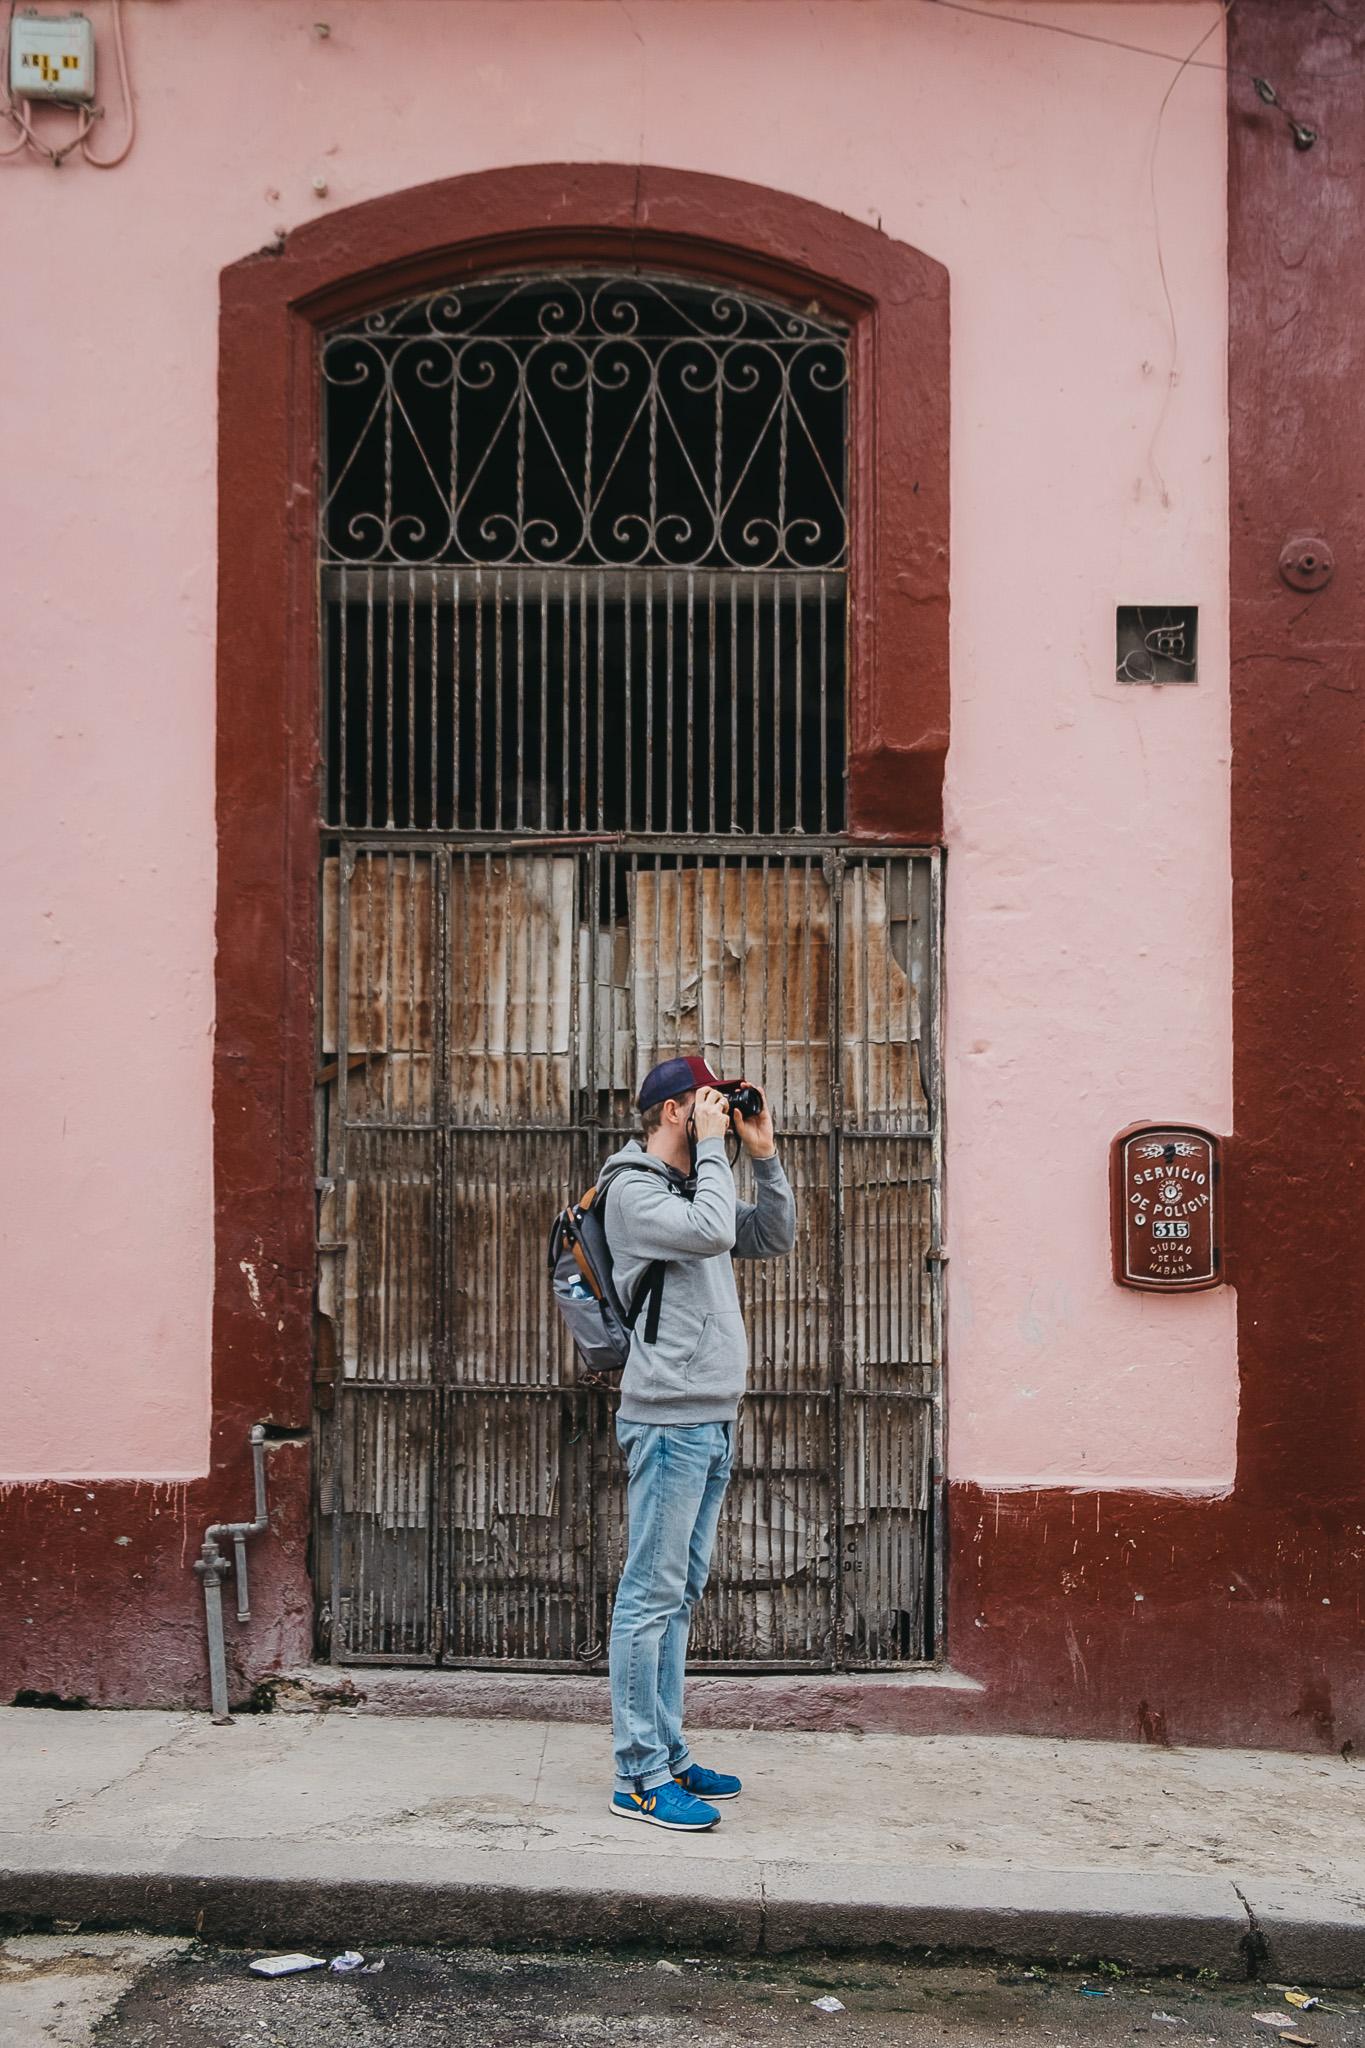 Cuba-2017-12-Havana-0342.jpg